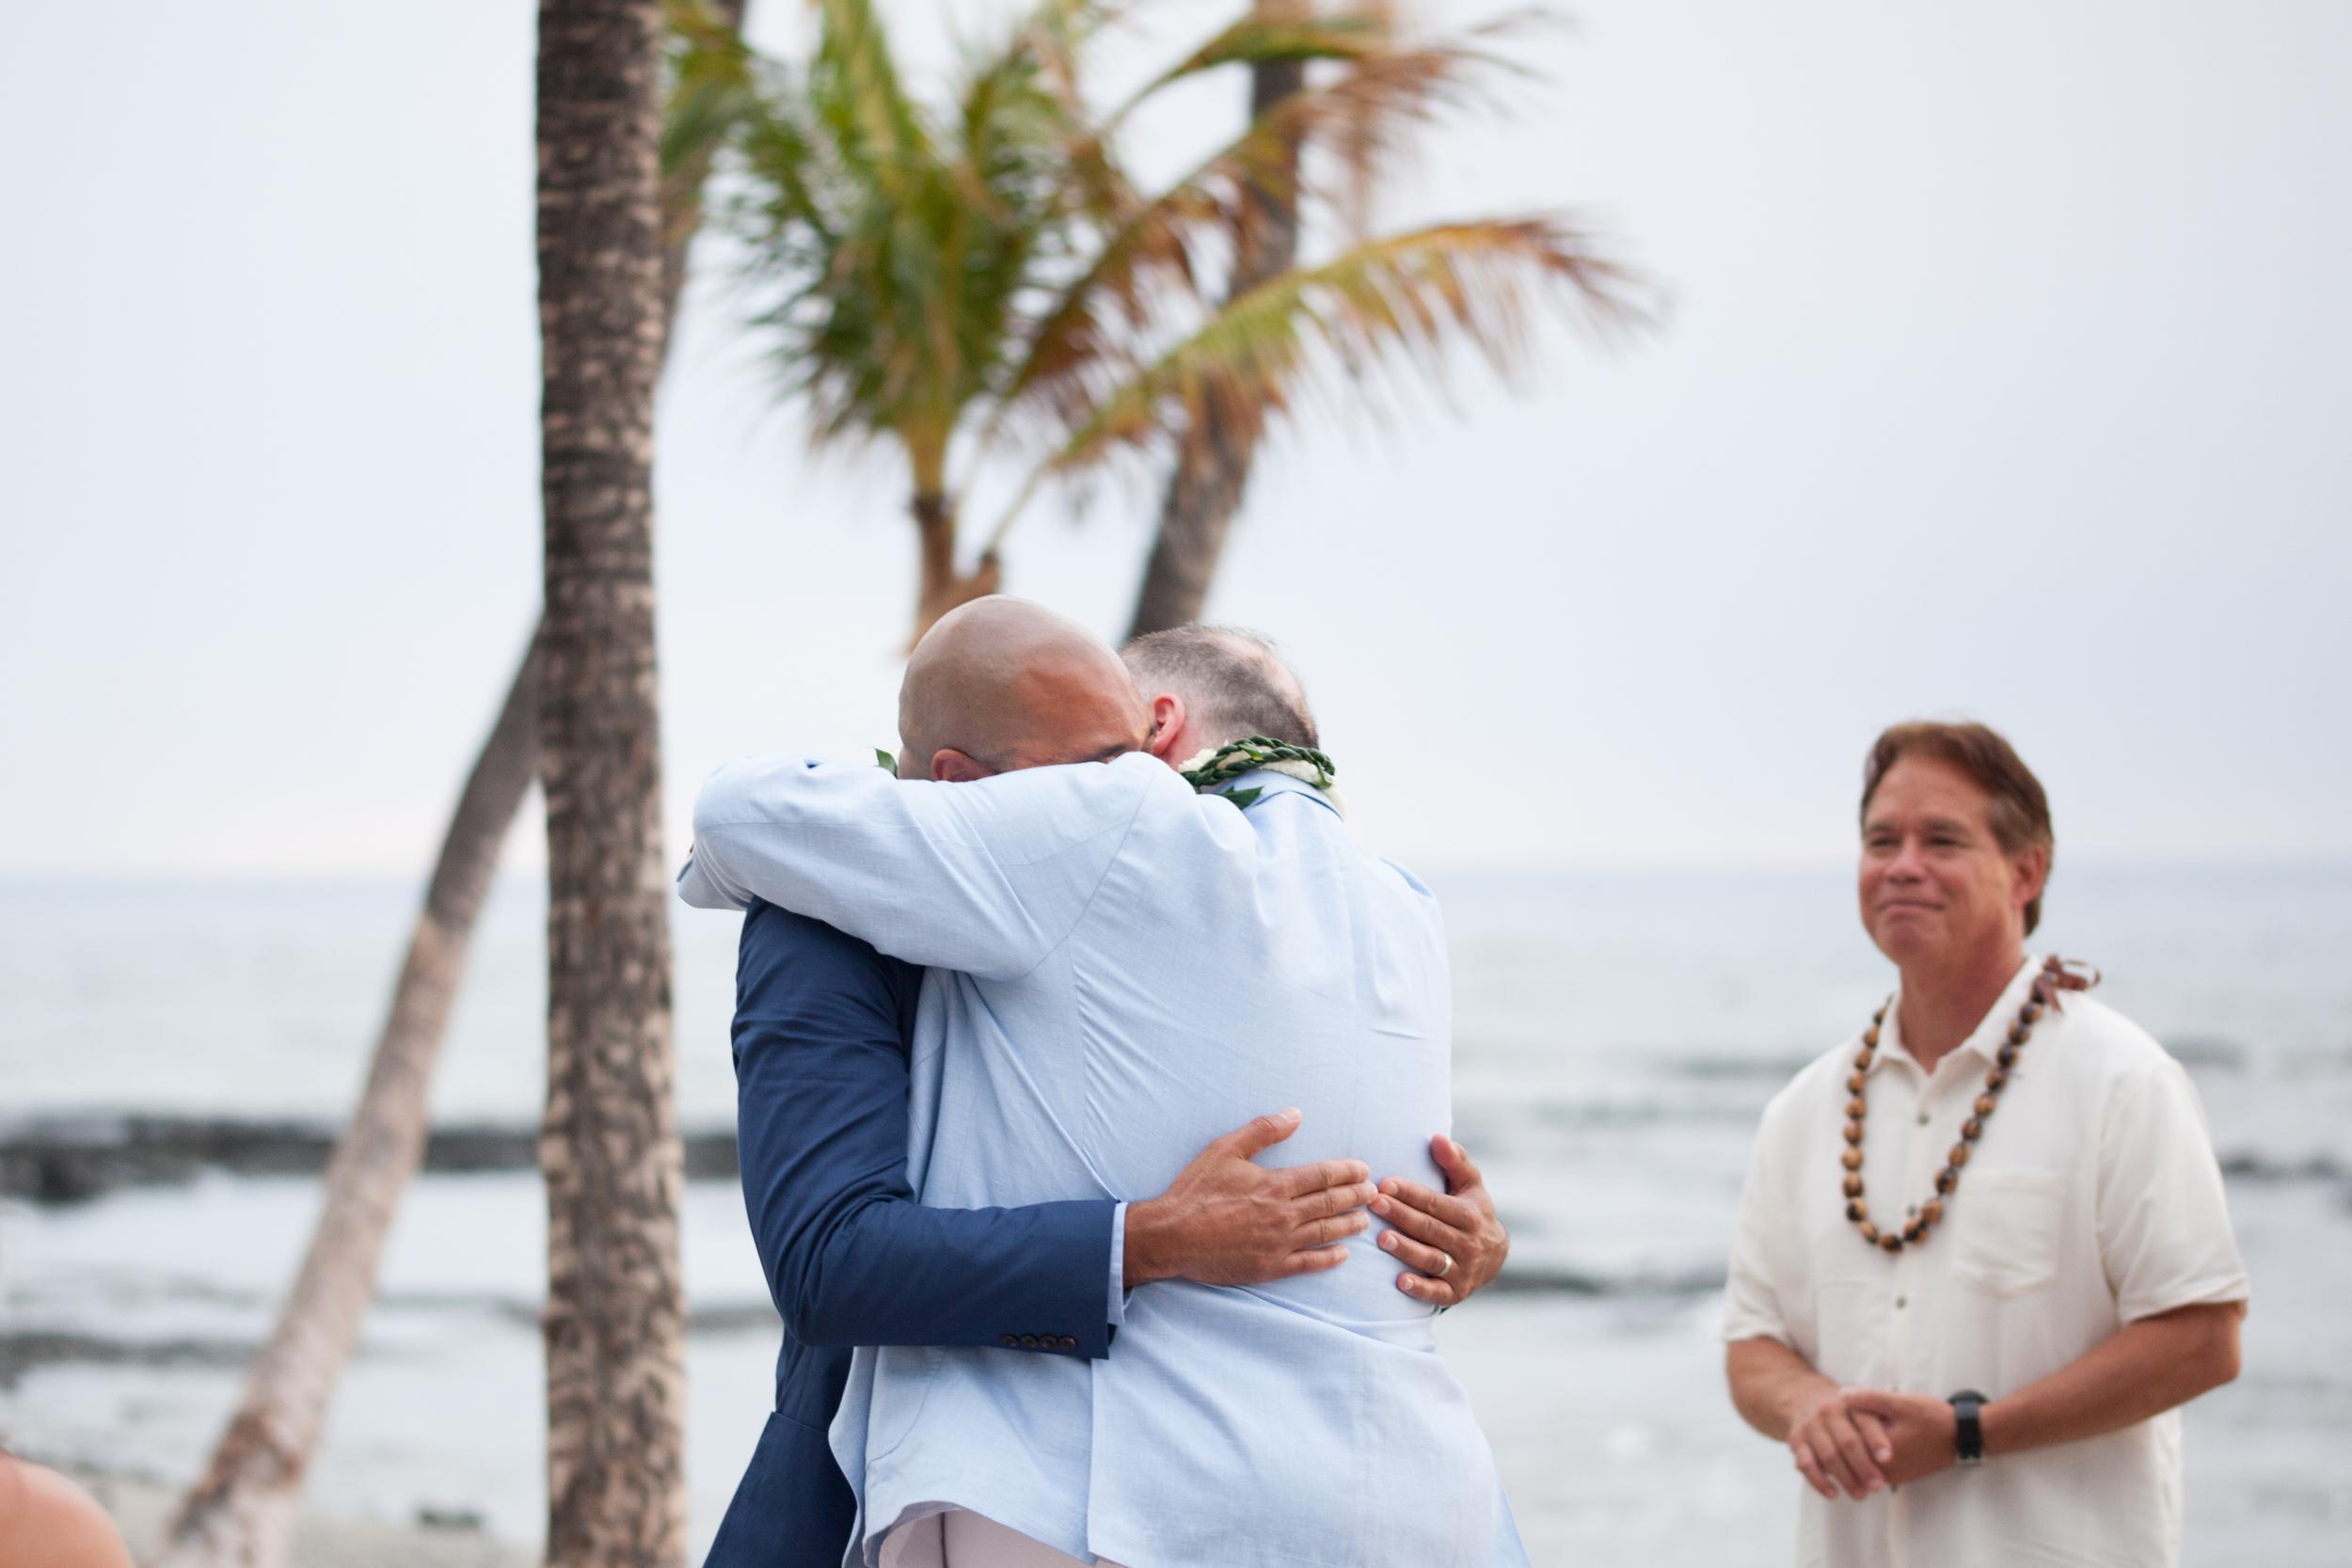 big island hawaii rmauna lani beach wedding © kelilina photography 20160601183540-3.jpg